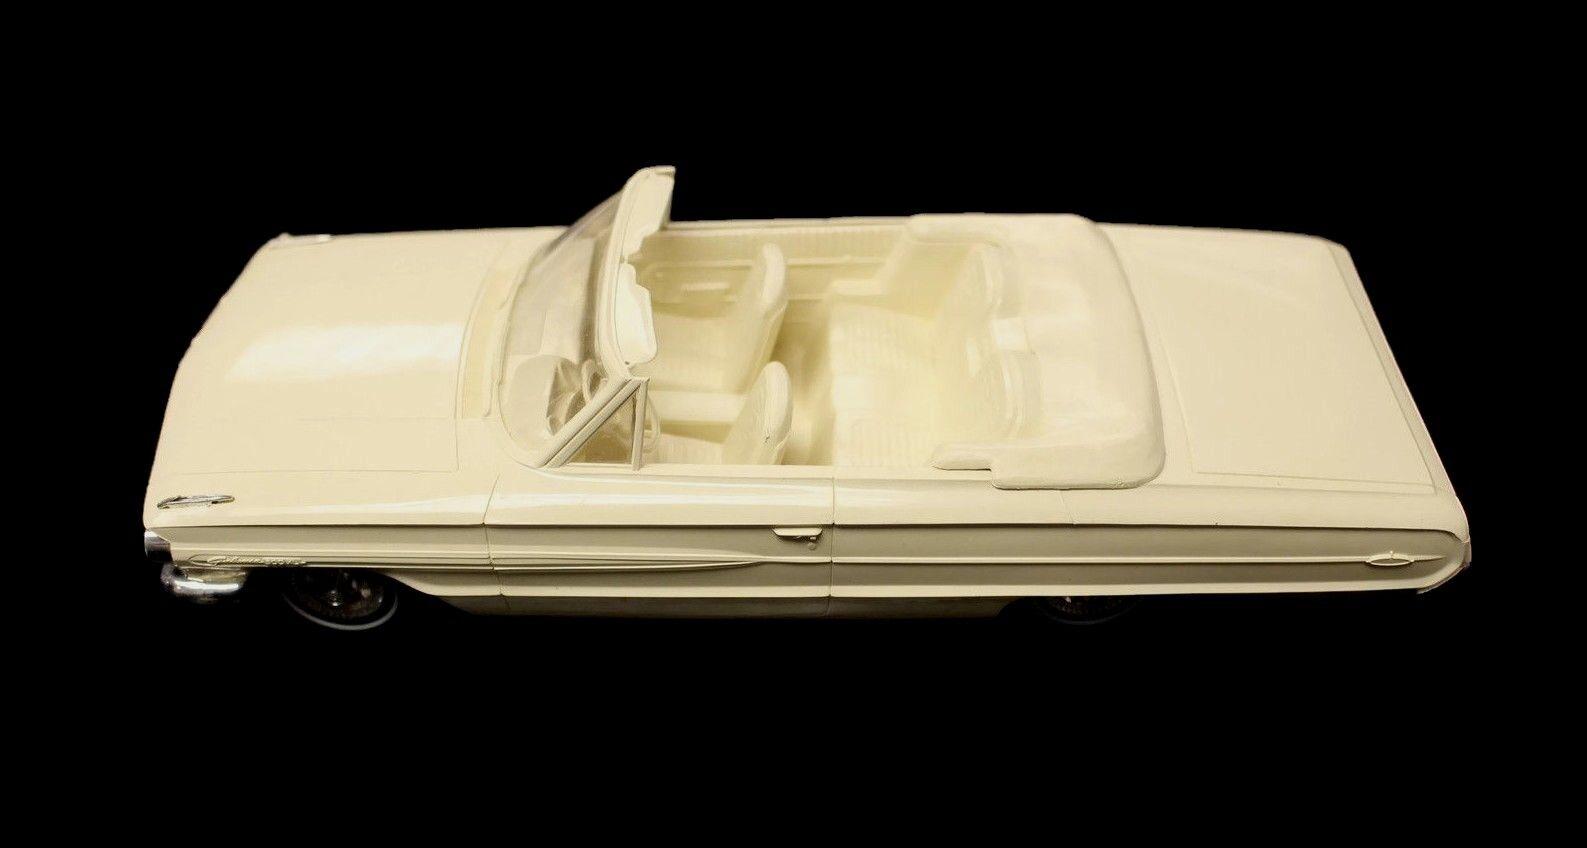 Vintage 1964 Ford Galaxie Sunliner Congreenible AMT Dealer Promo Model Car